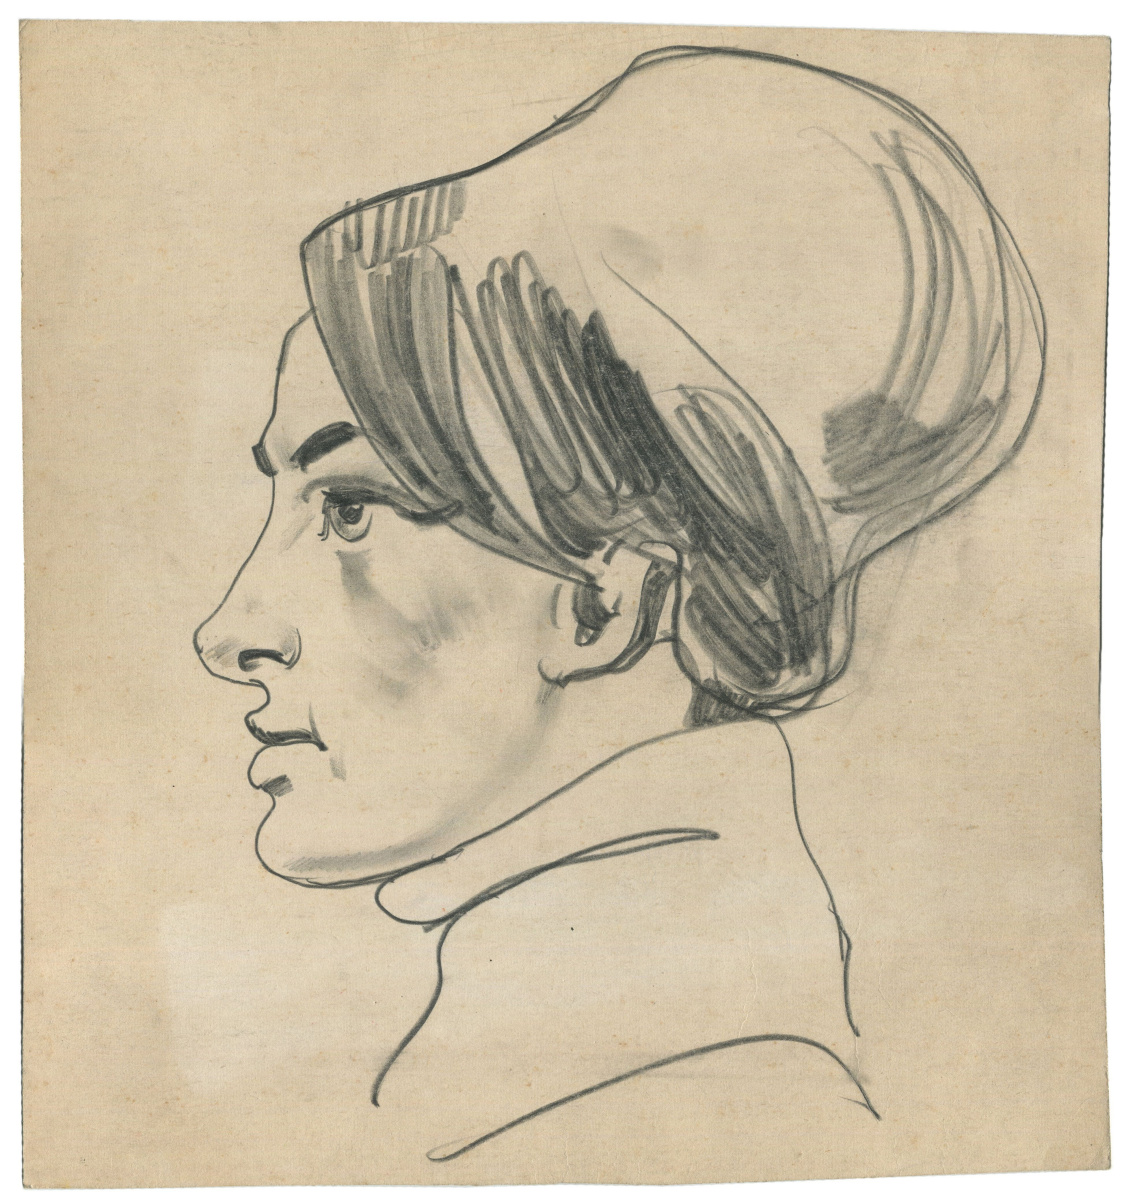 Alexandrovich Rudolf Pavlov. A sketch of a woman's head.